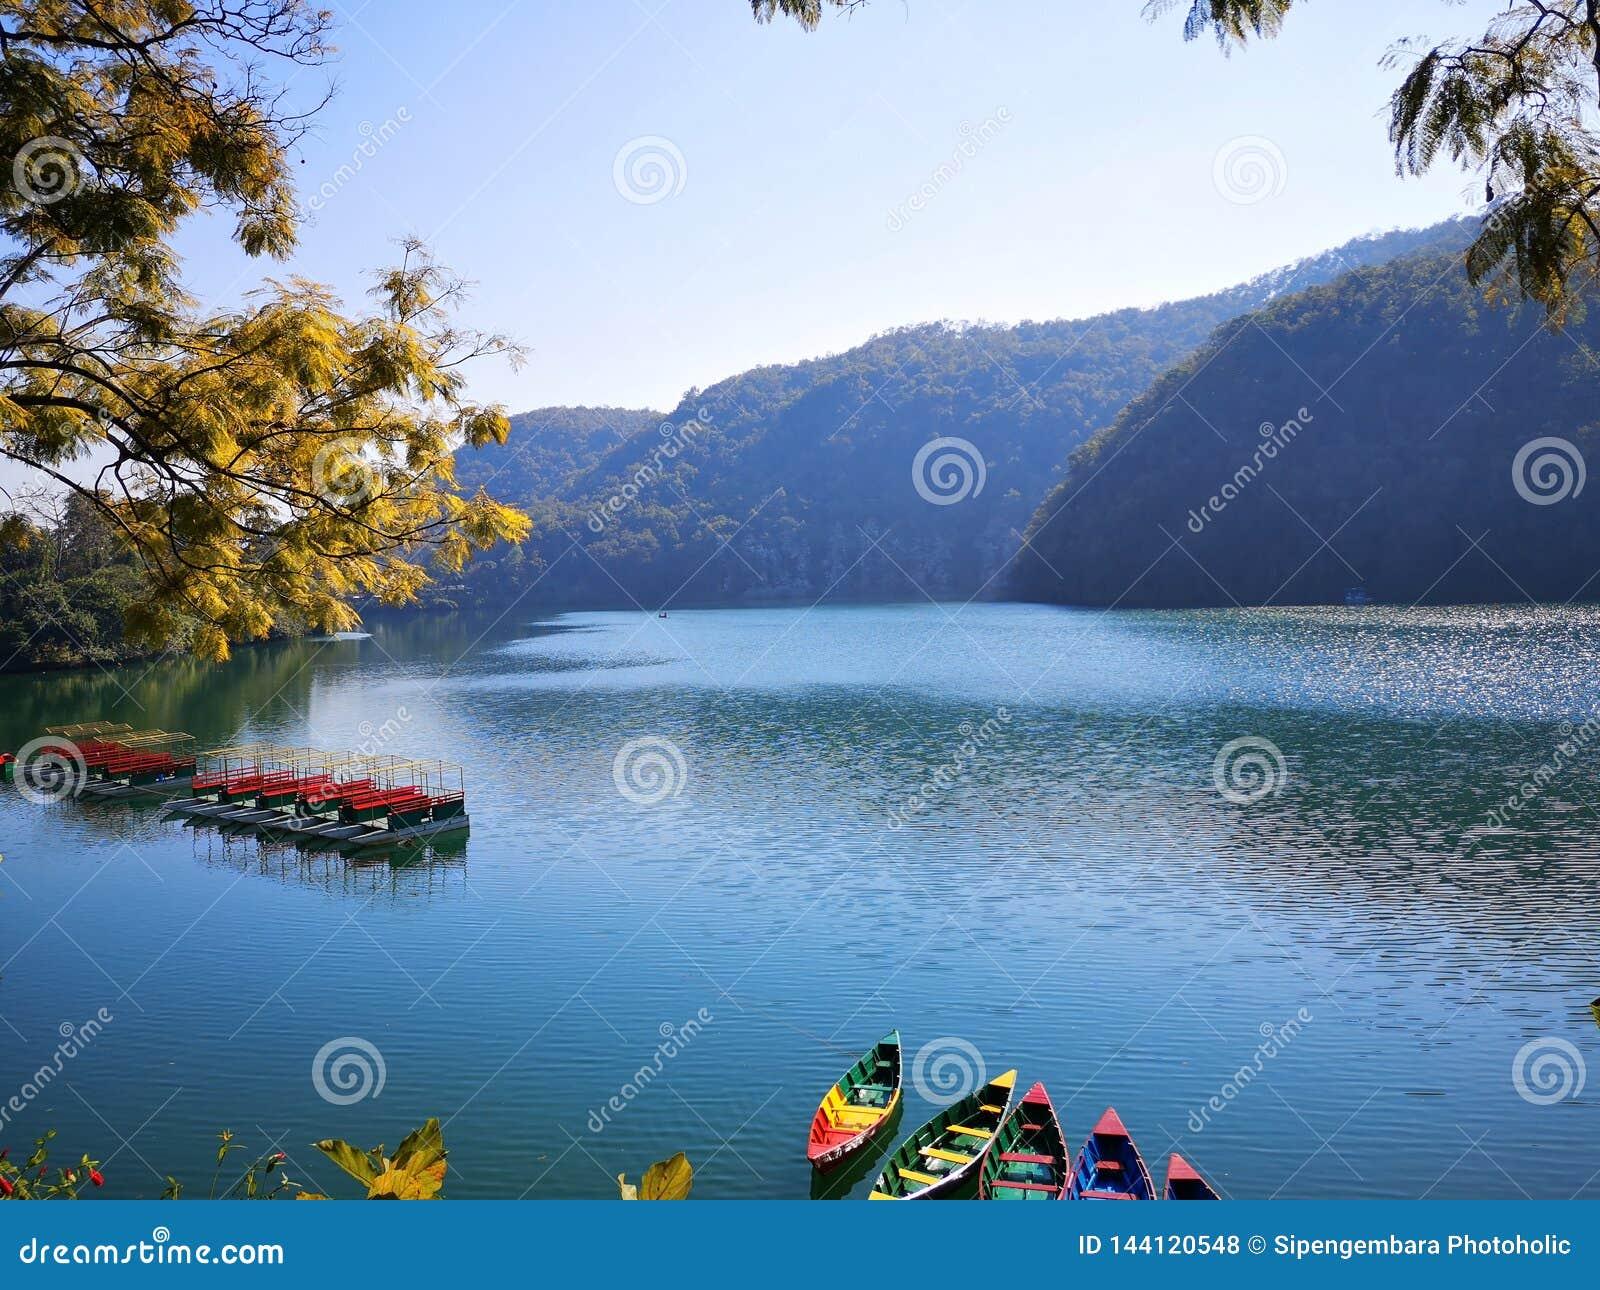 Sightseeing  Pokhara Lakeside